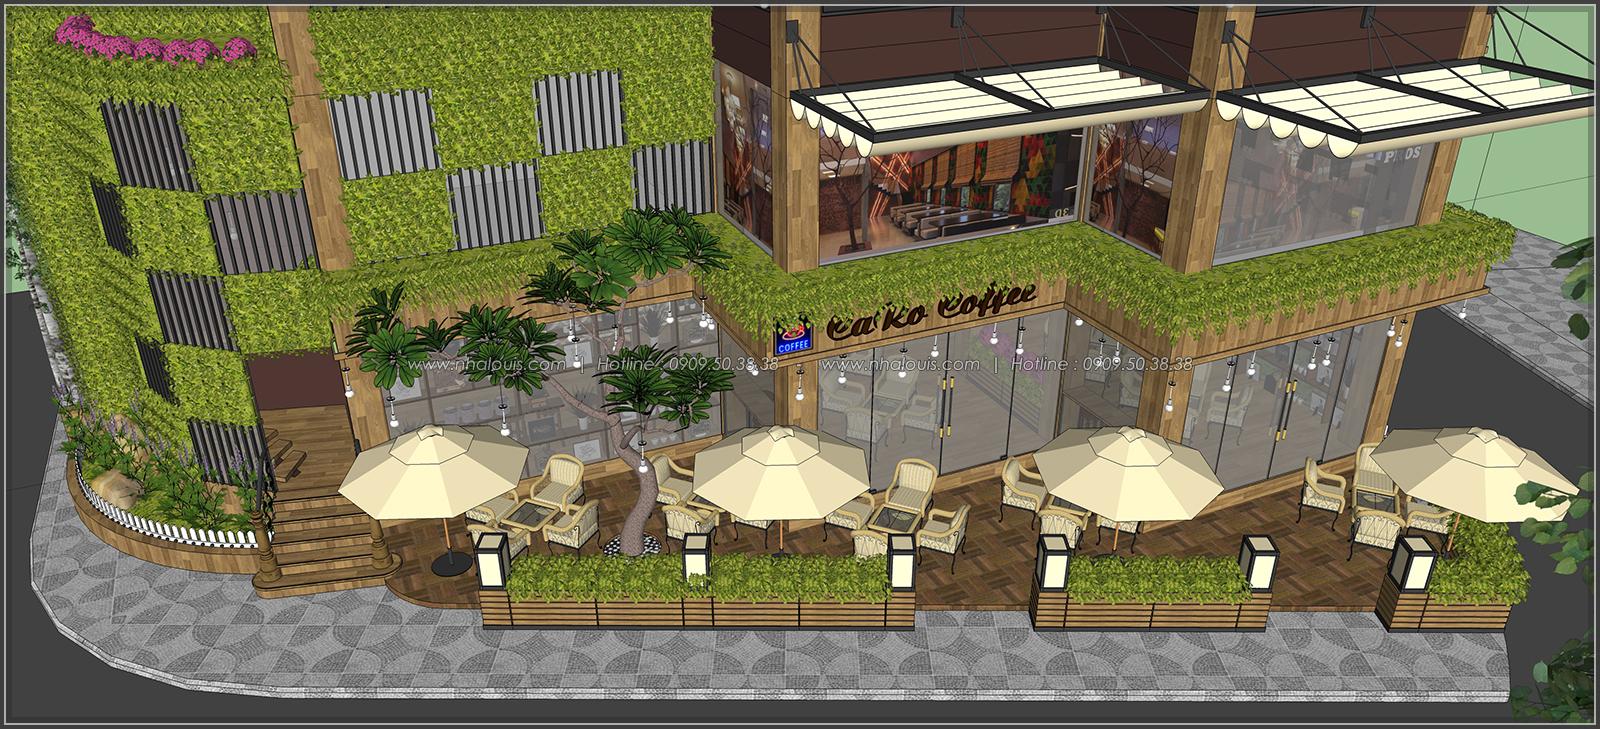 Tư vấn thiết kế quán cafe không gian xanh sang trọng ở Bình Dương - 4